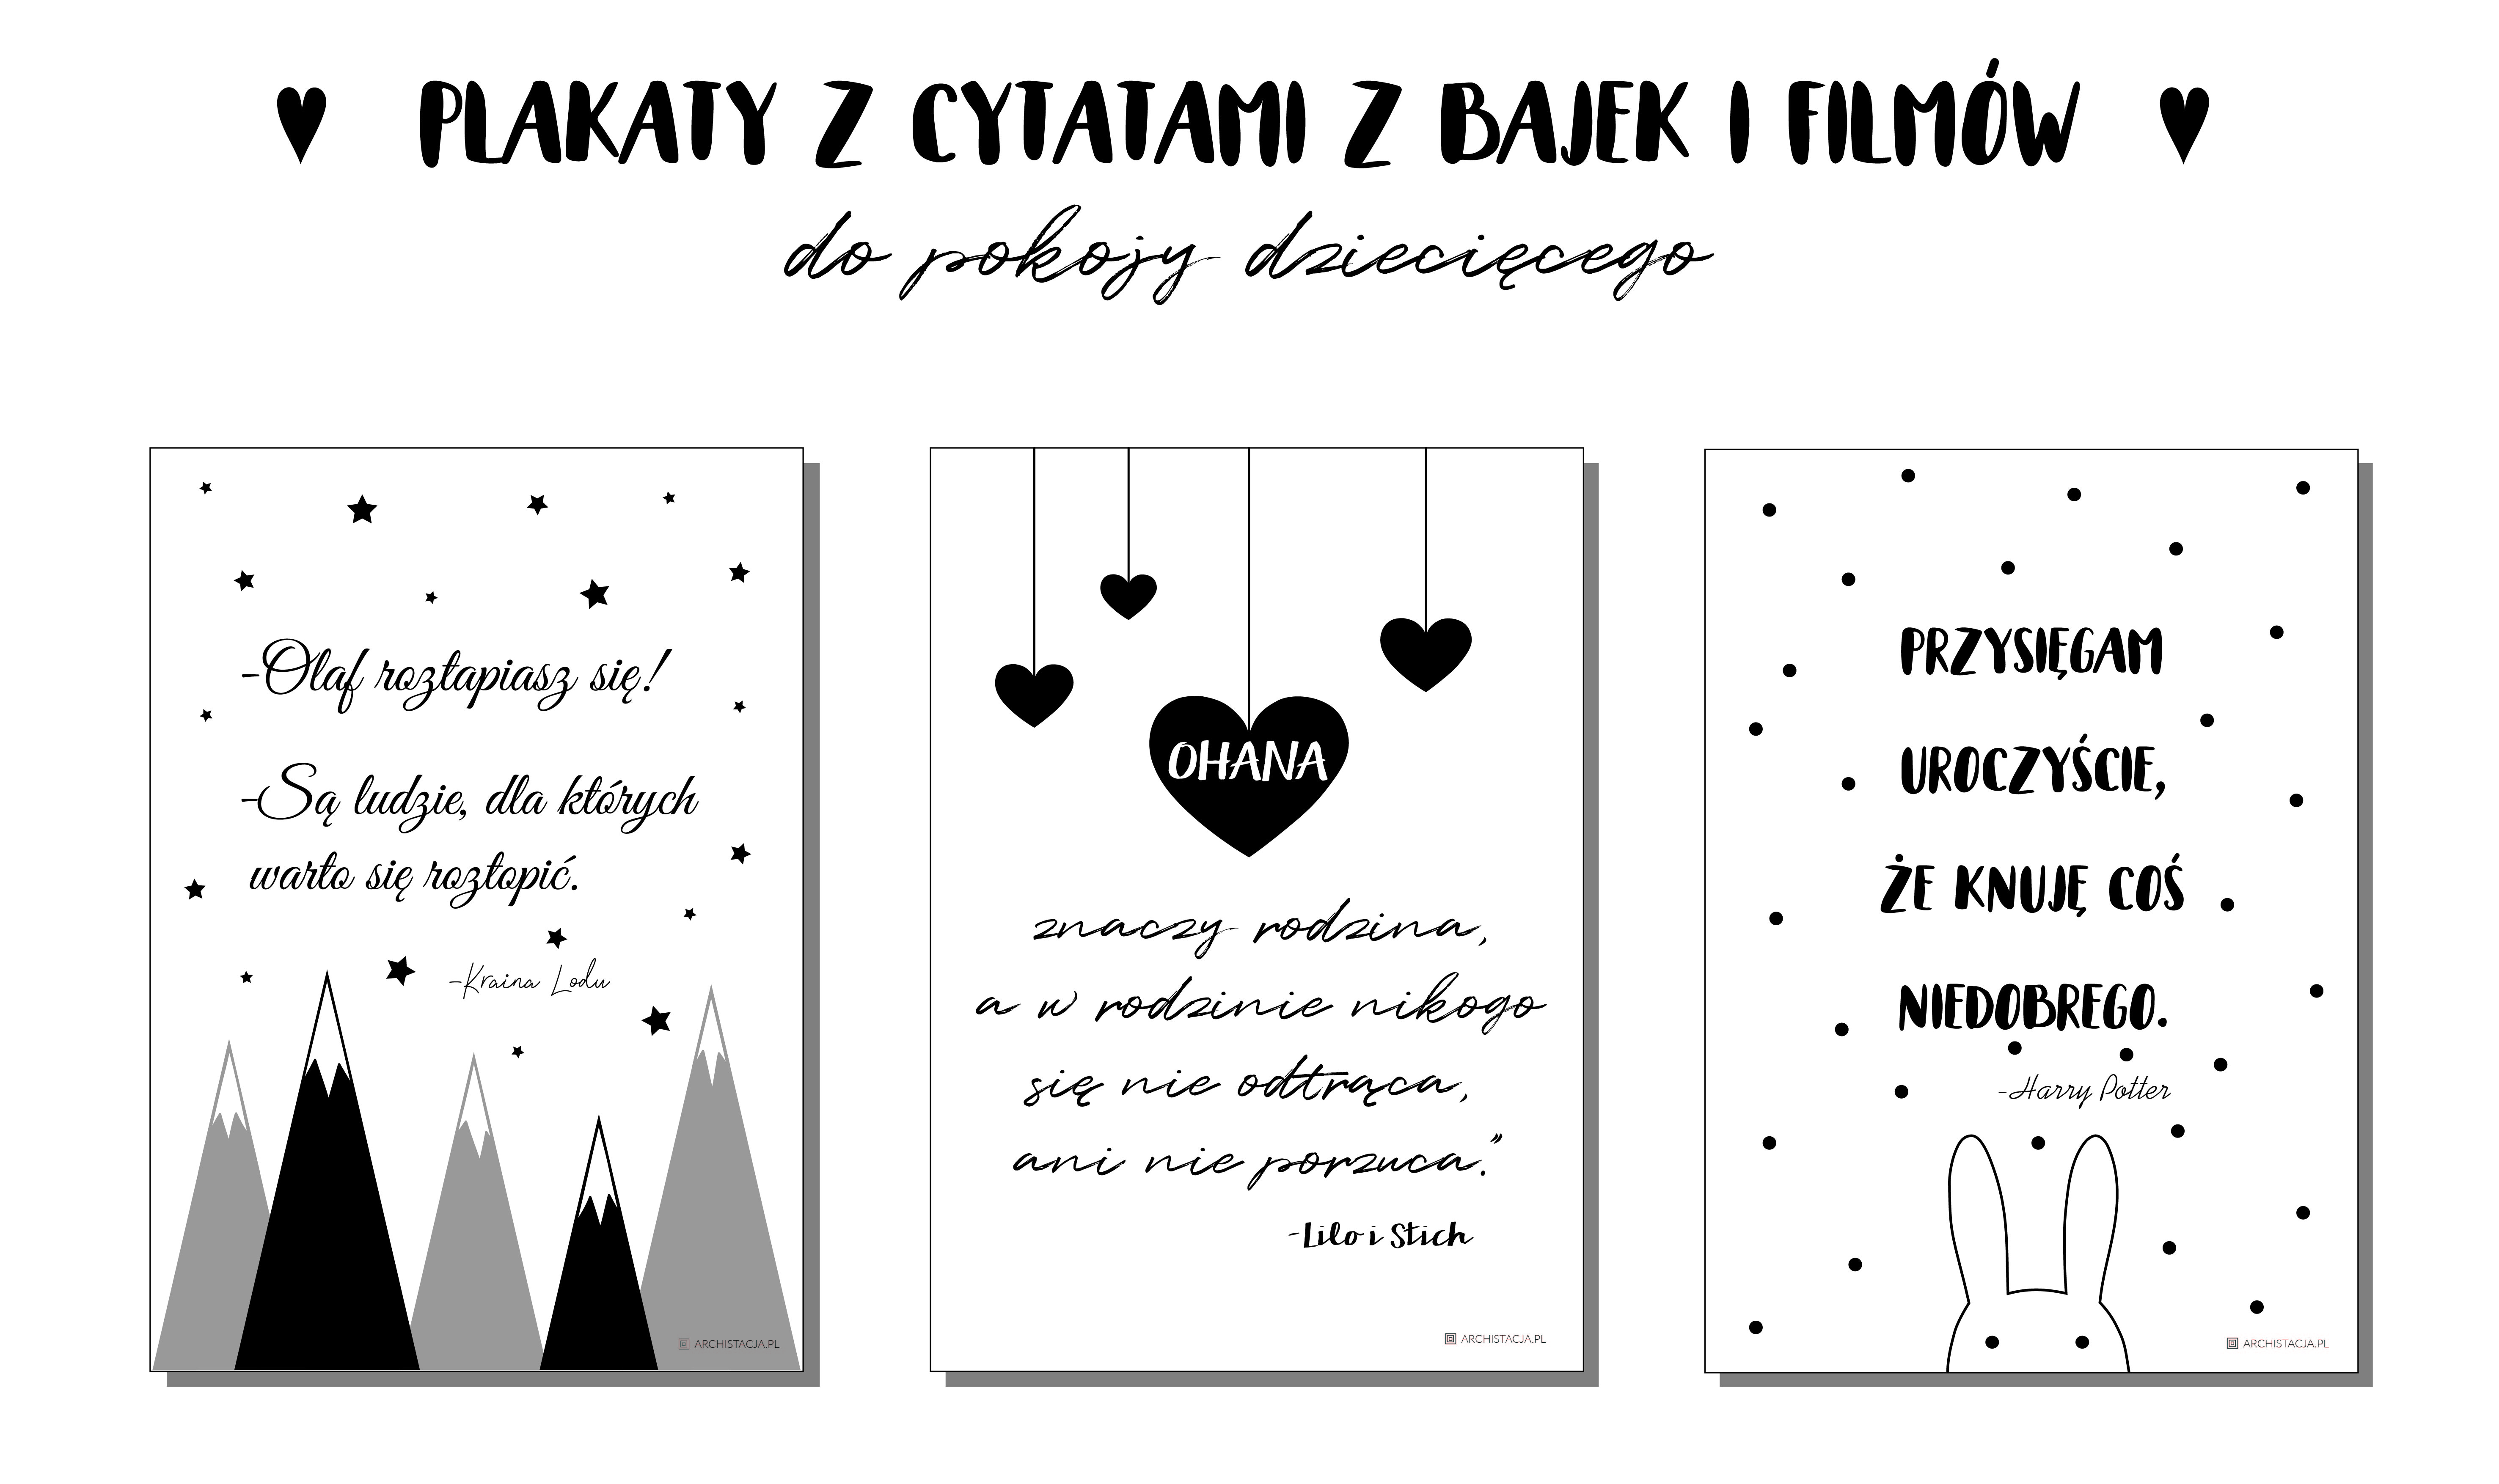 Plakaty Z Cytatami Z Bajek Do Druku Archistacjapl